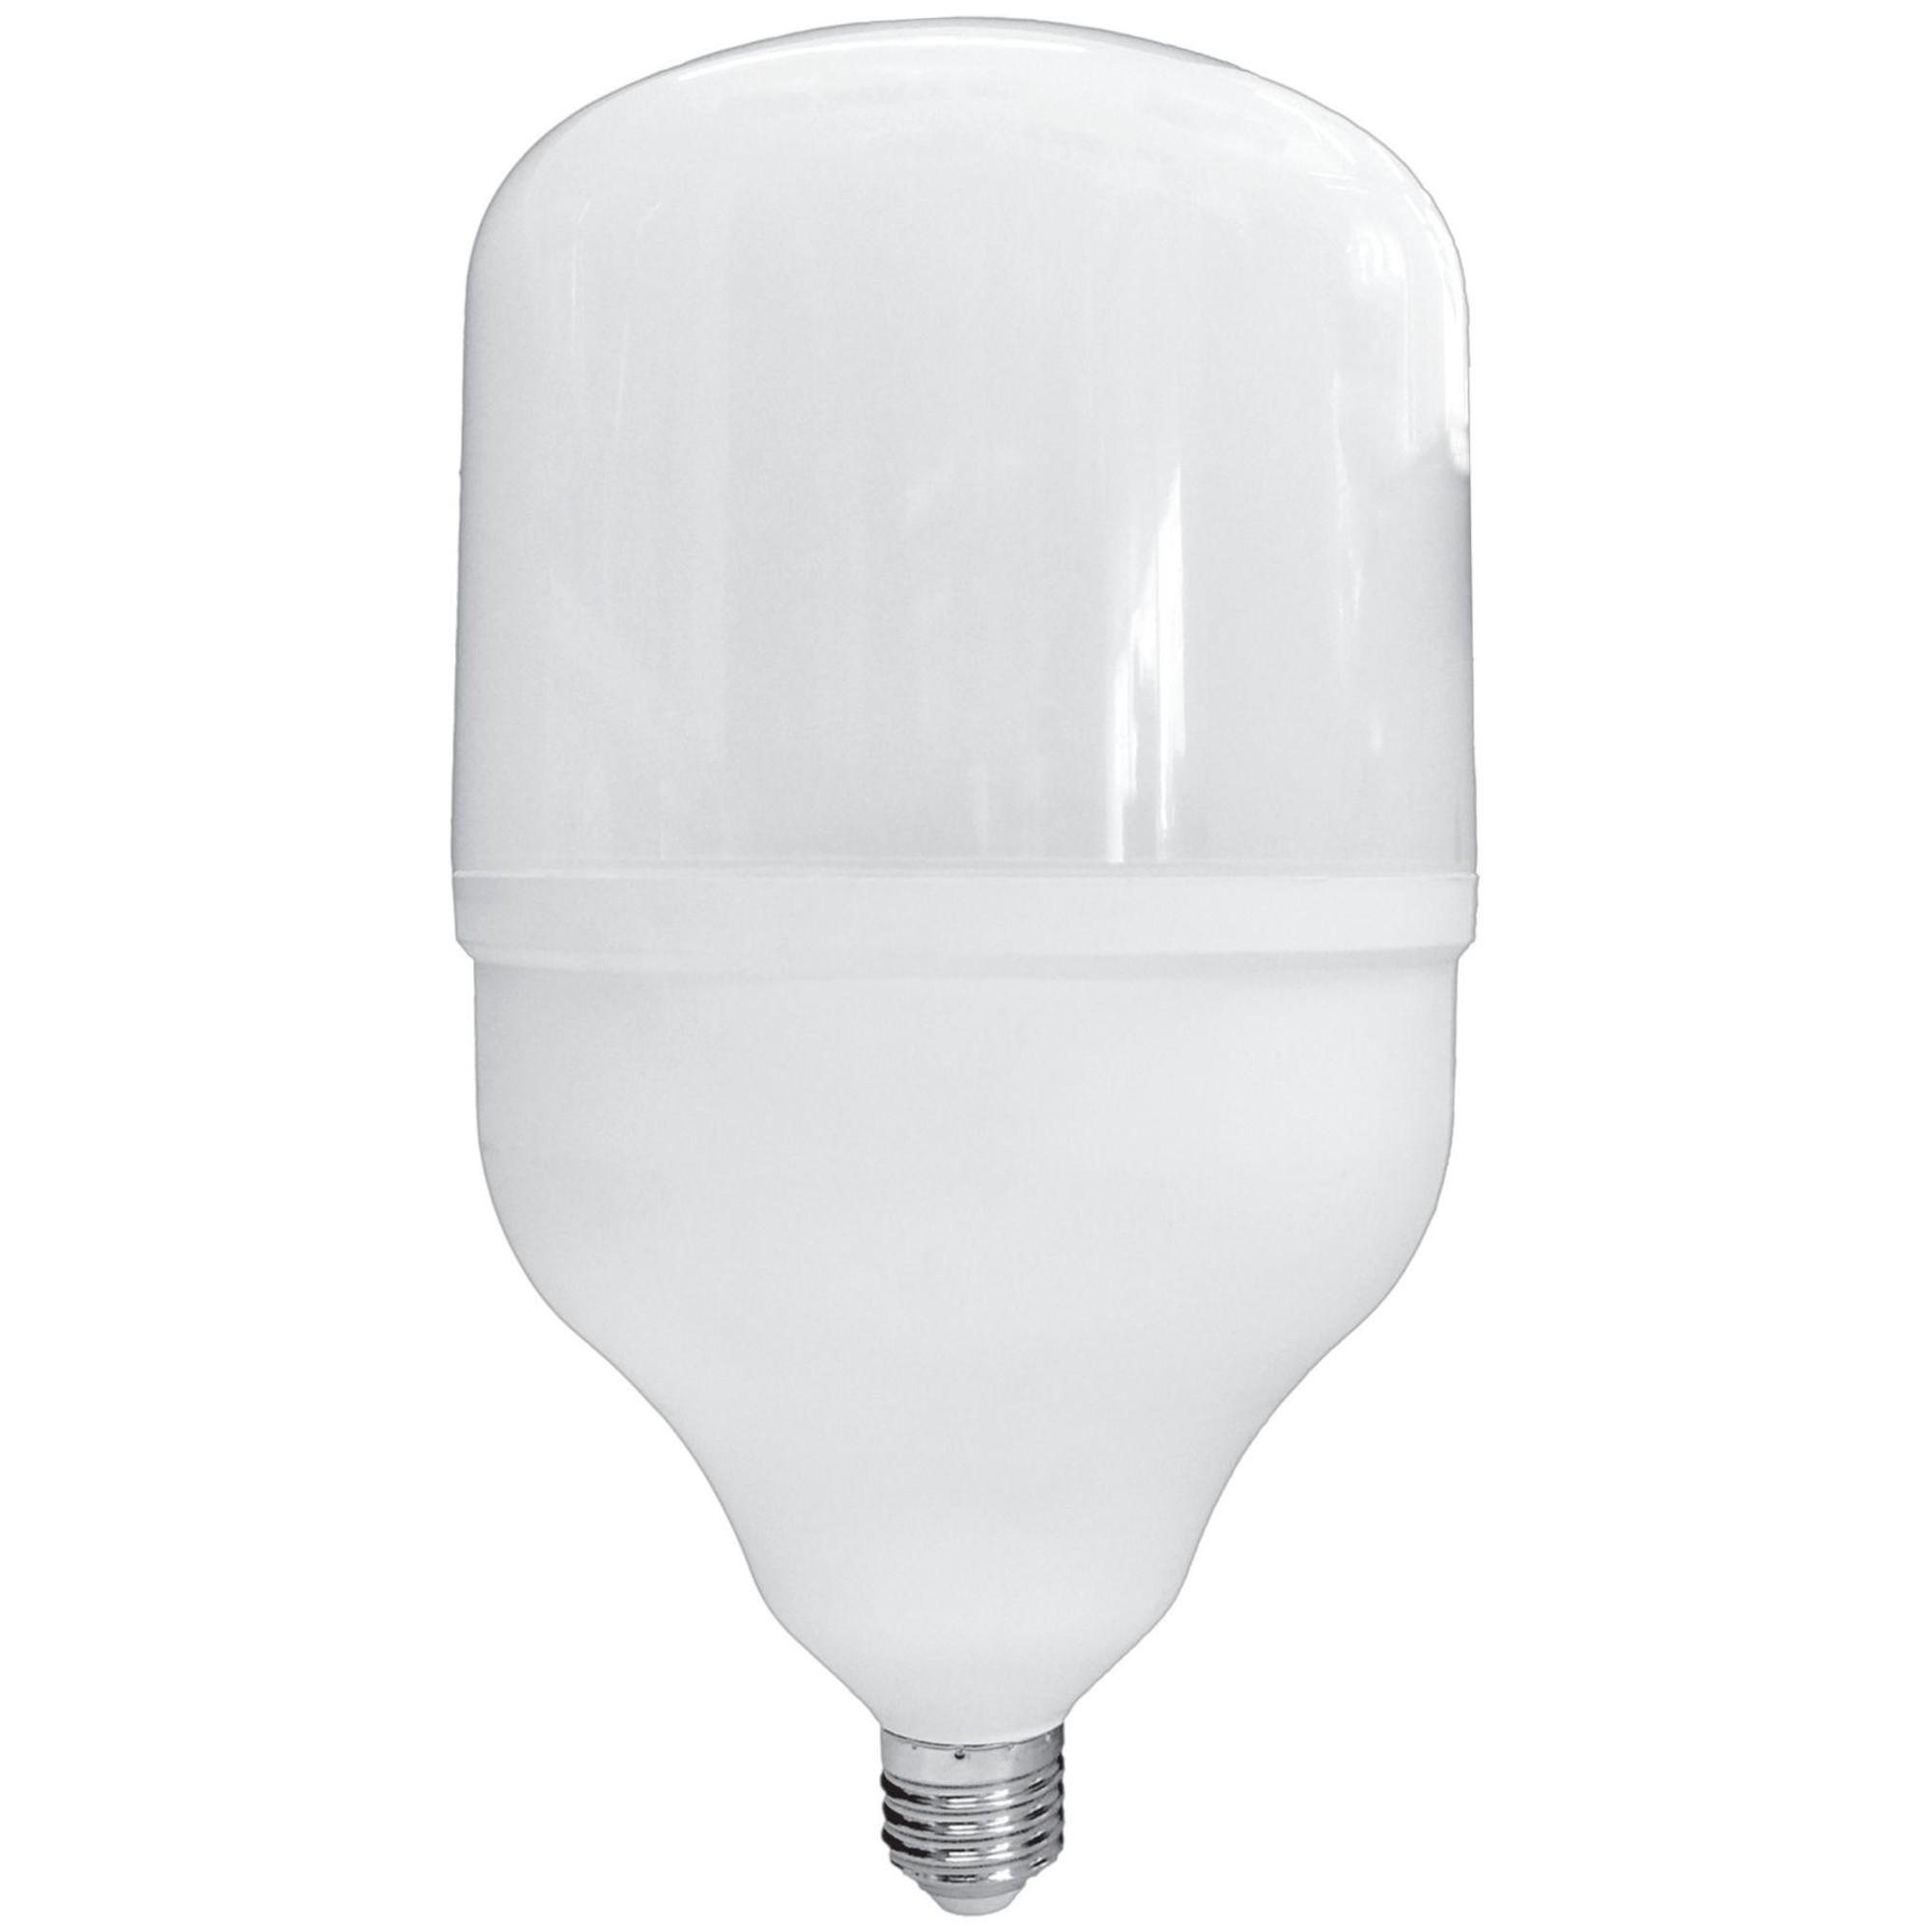 Лампа Ecola Premium светодионая E27 65 Вт 5850 Лм нейтральный свет